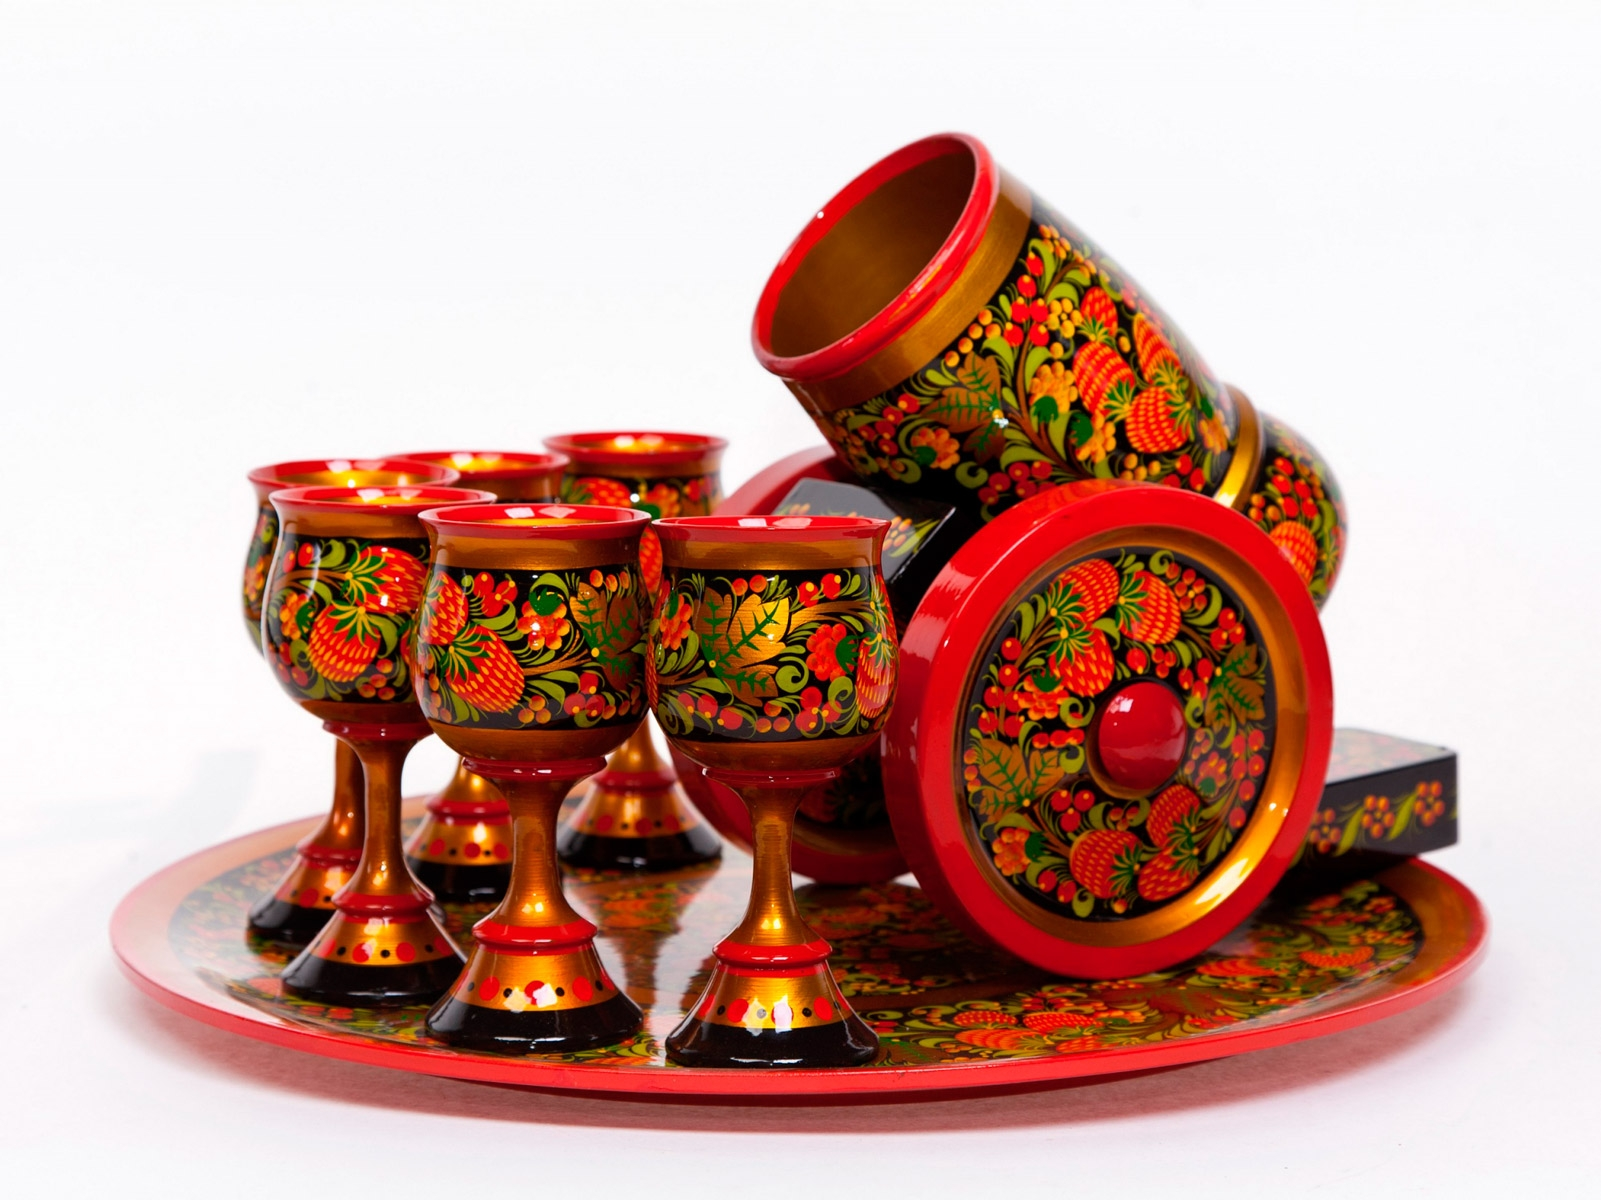 Посуда для декора с росписью в русском народном стиле